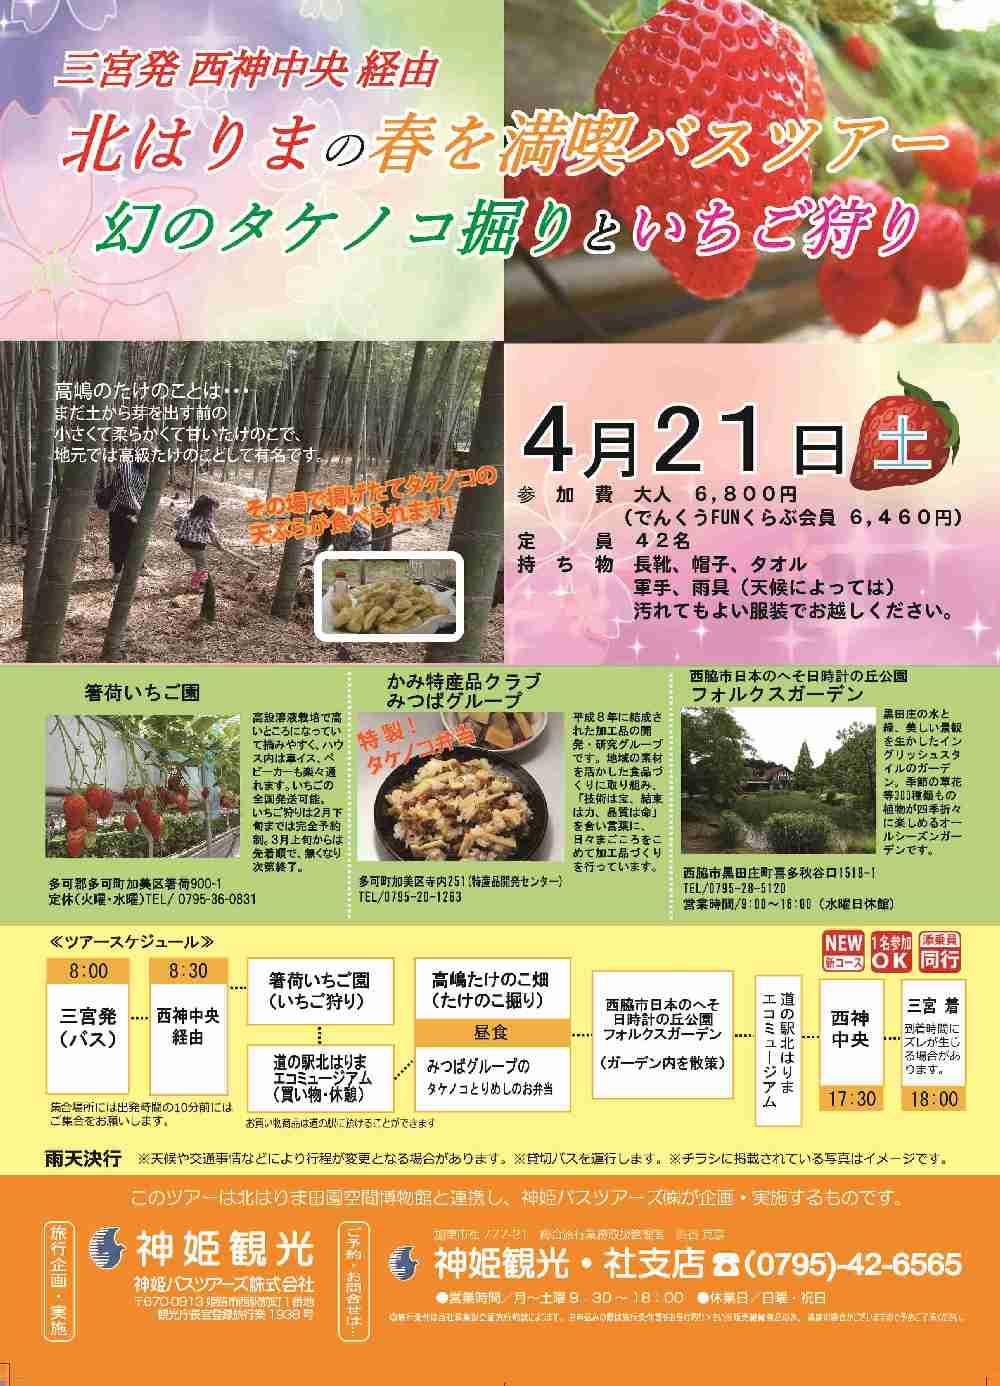 4/21 三宮発バスツアー「タケノコ掘りとイチゴ狩り」参加者募集